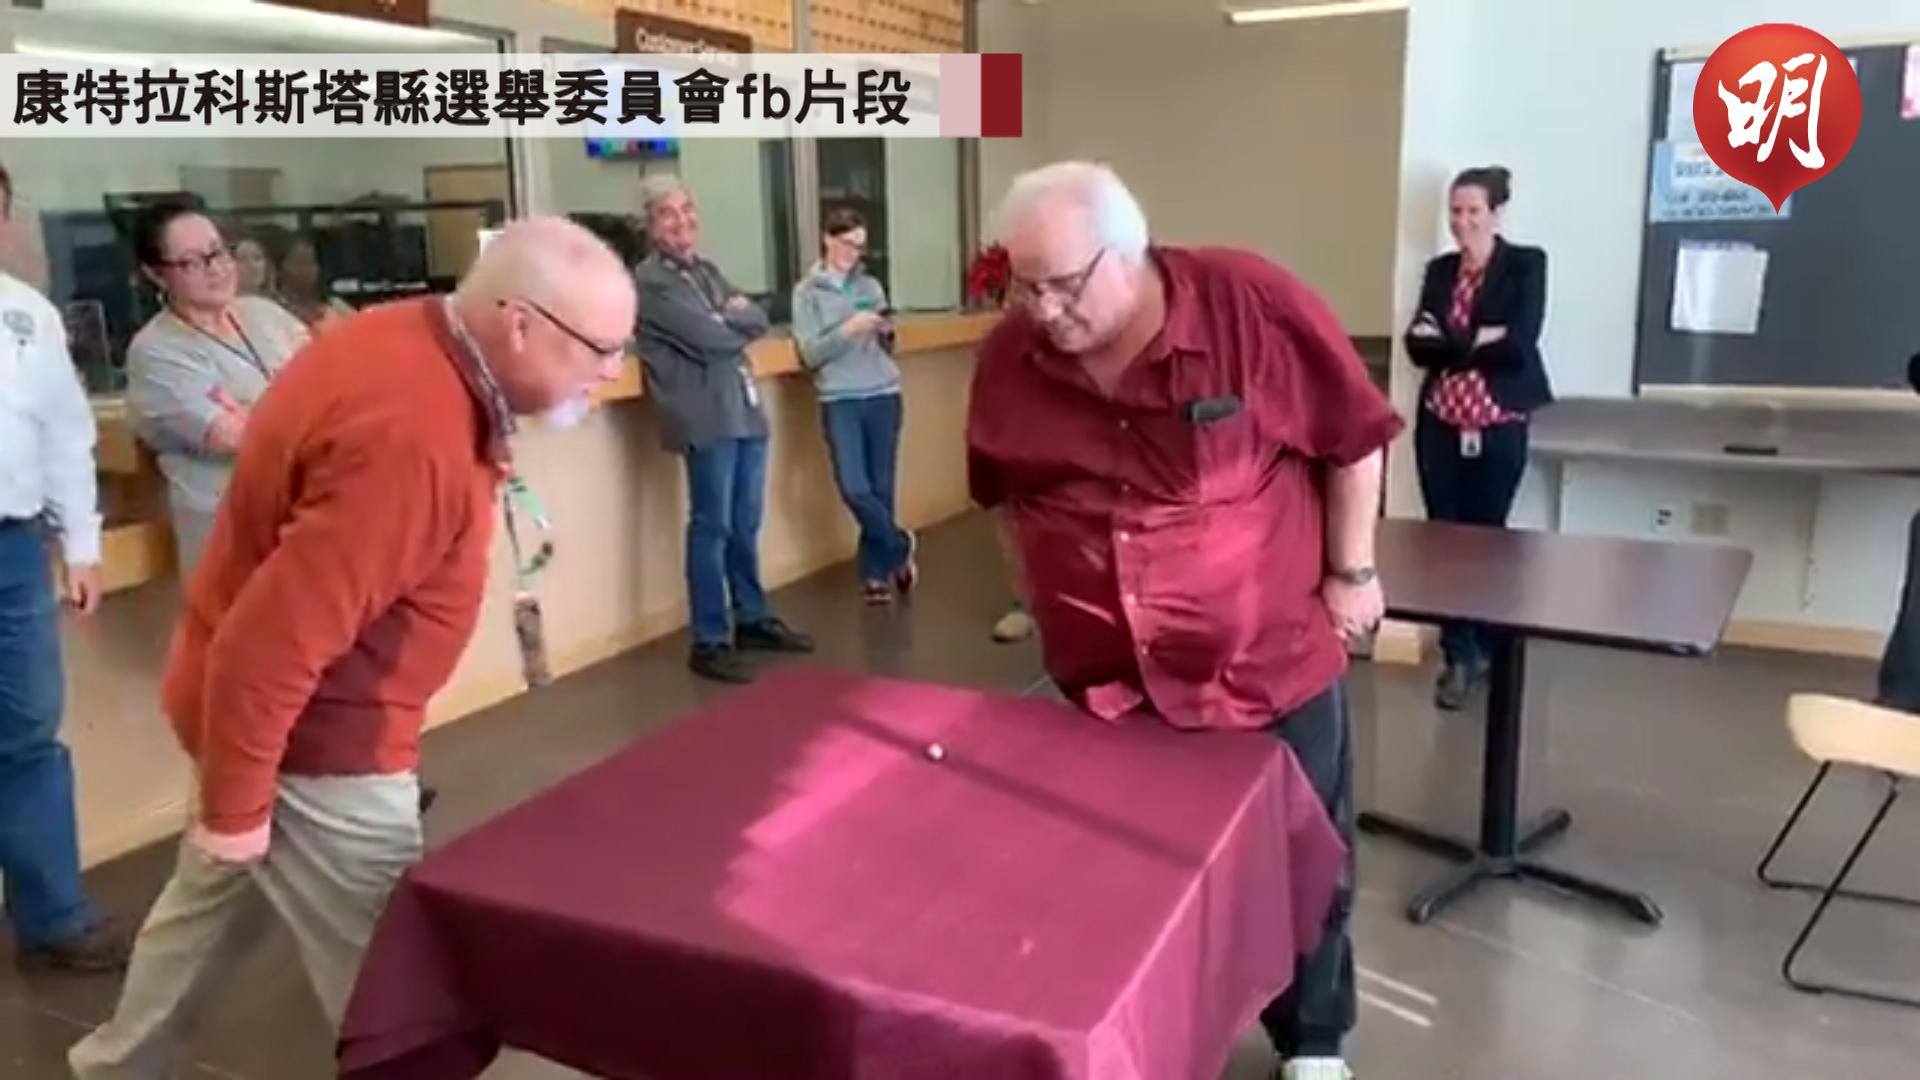 【短片】加州地區理事長選舉 兩候選人得票相同 fb直播擲骰定勝負